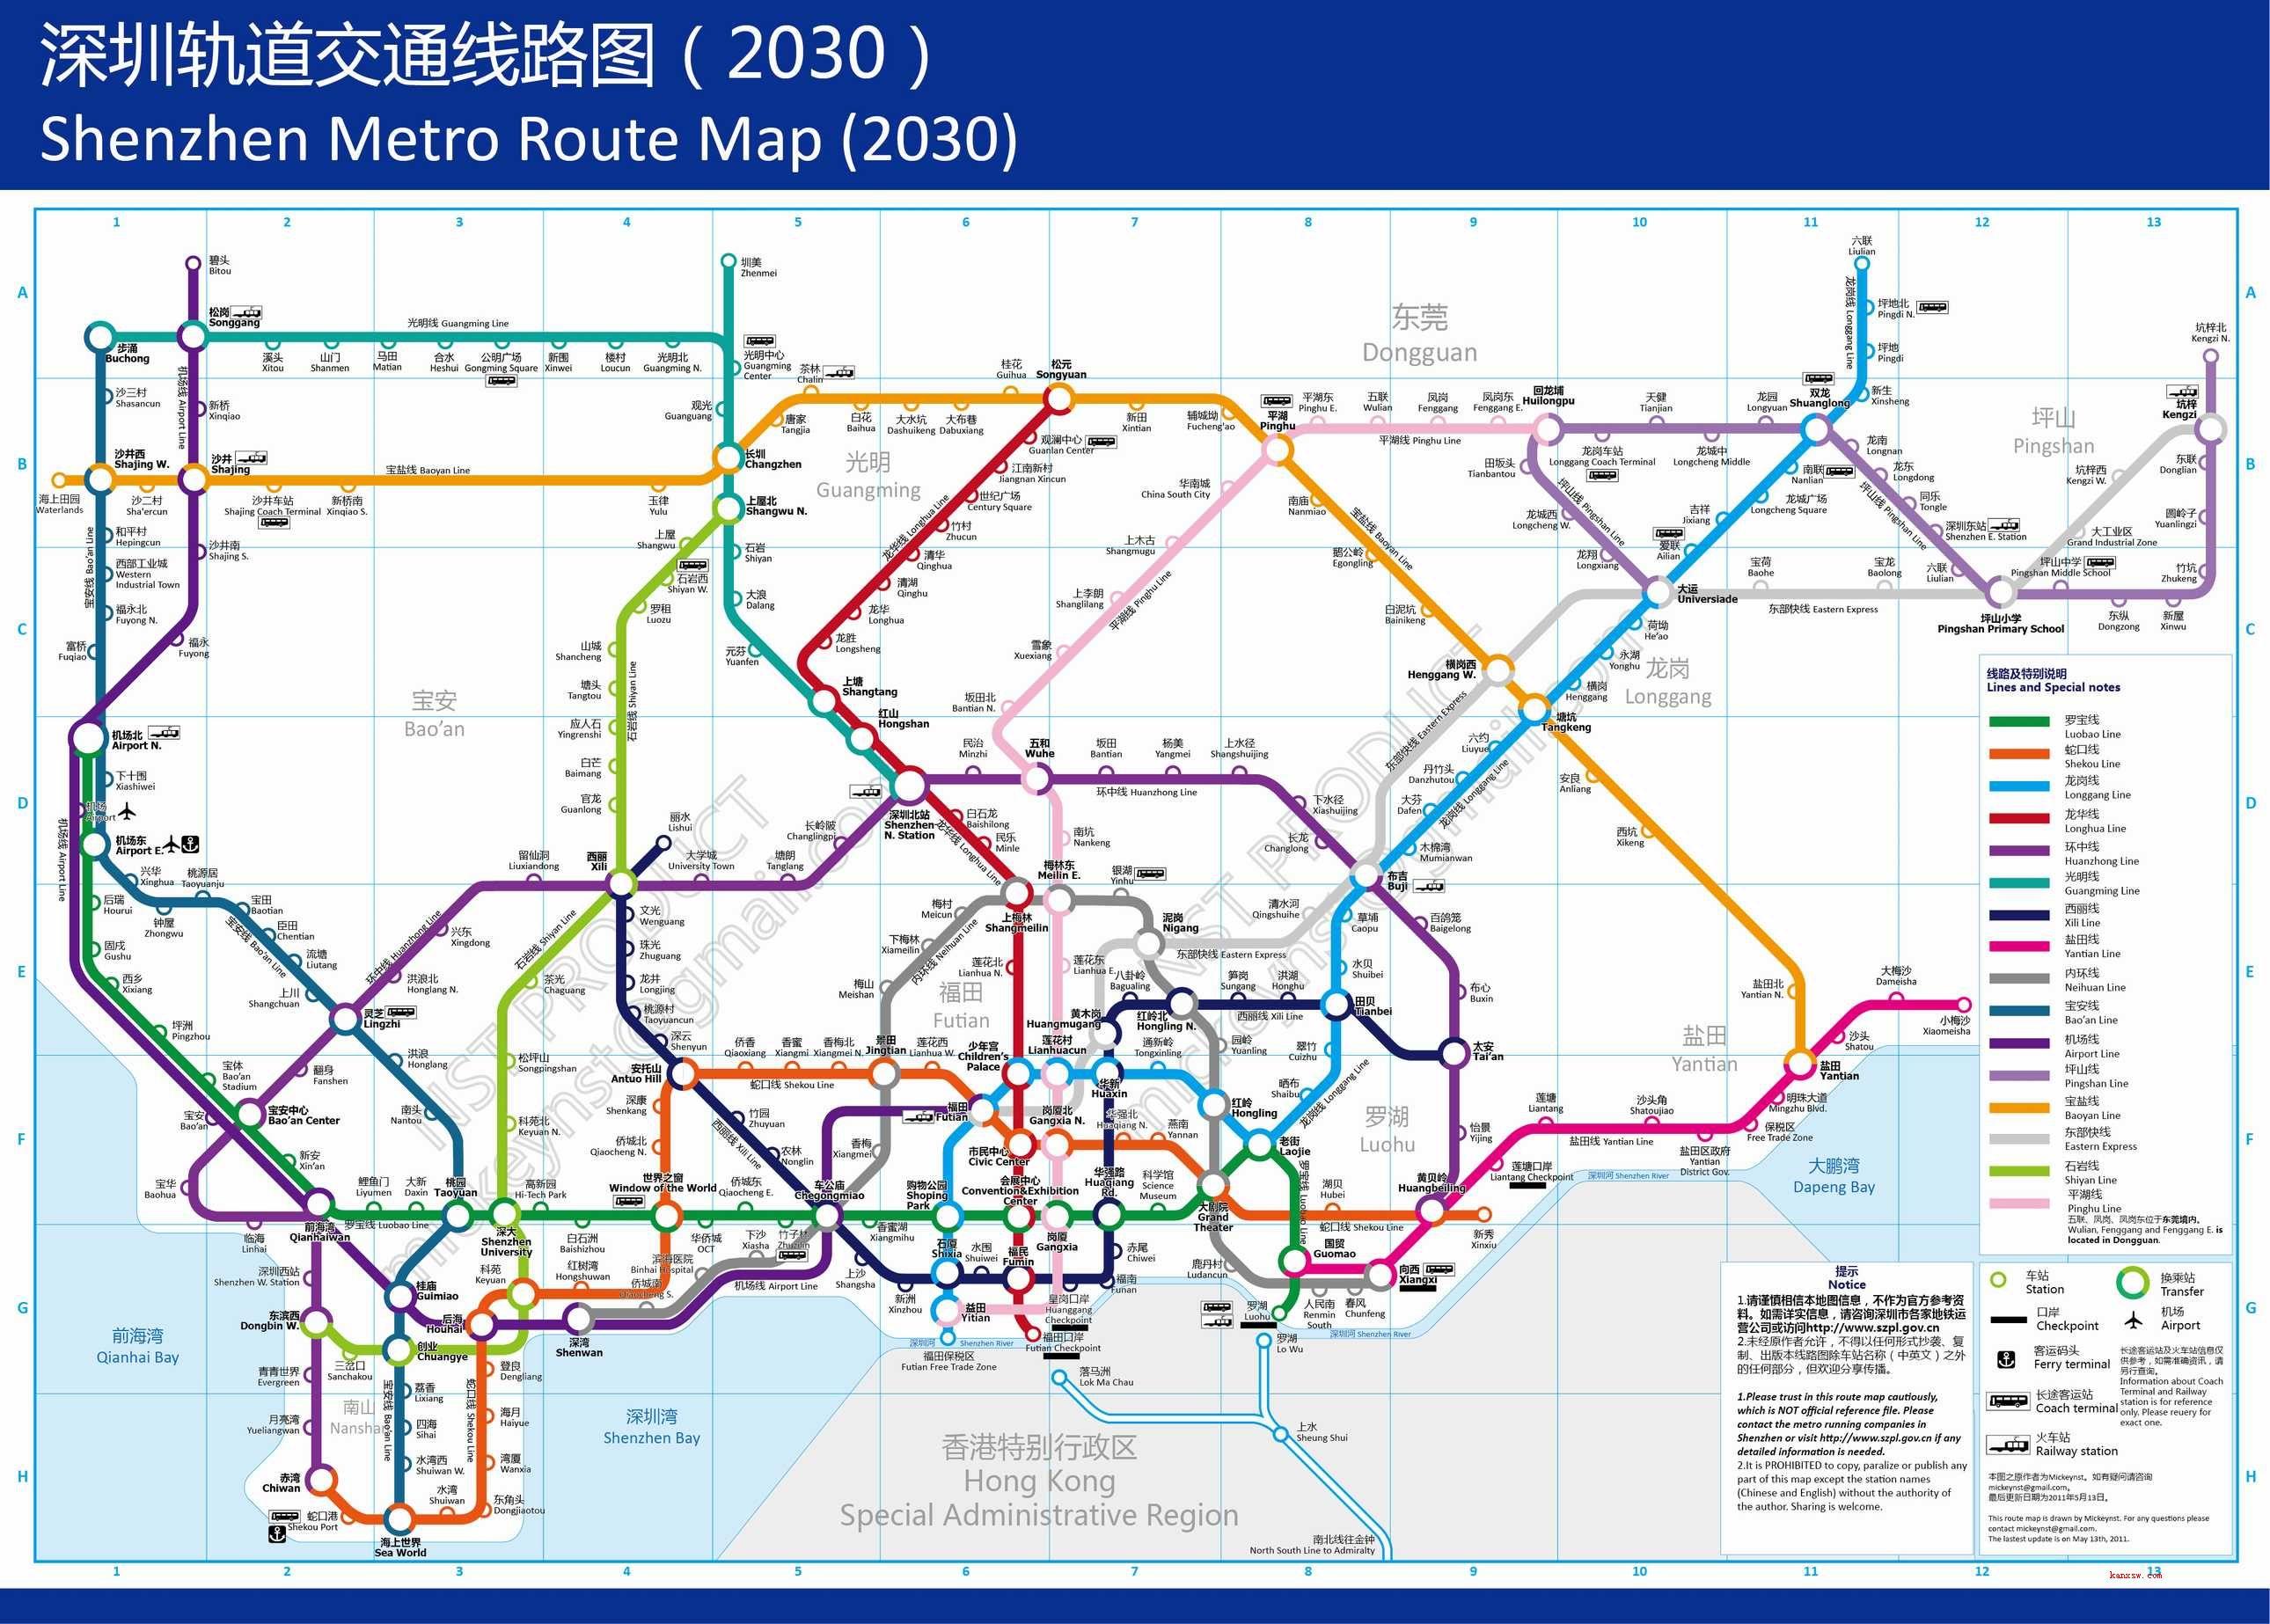 最新深圳地铁规划线路图 深圳轨道交通线路图2030图片